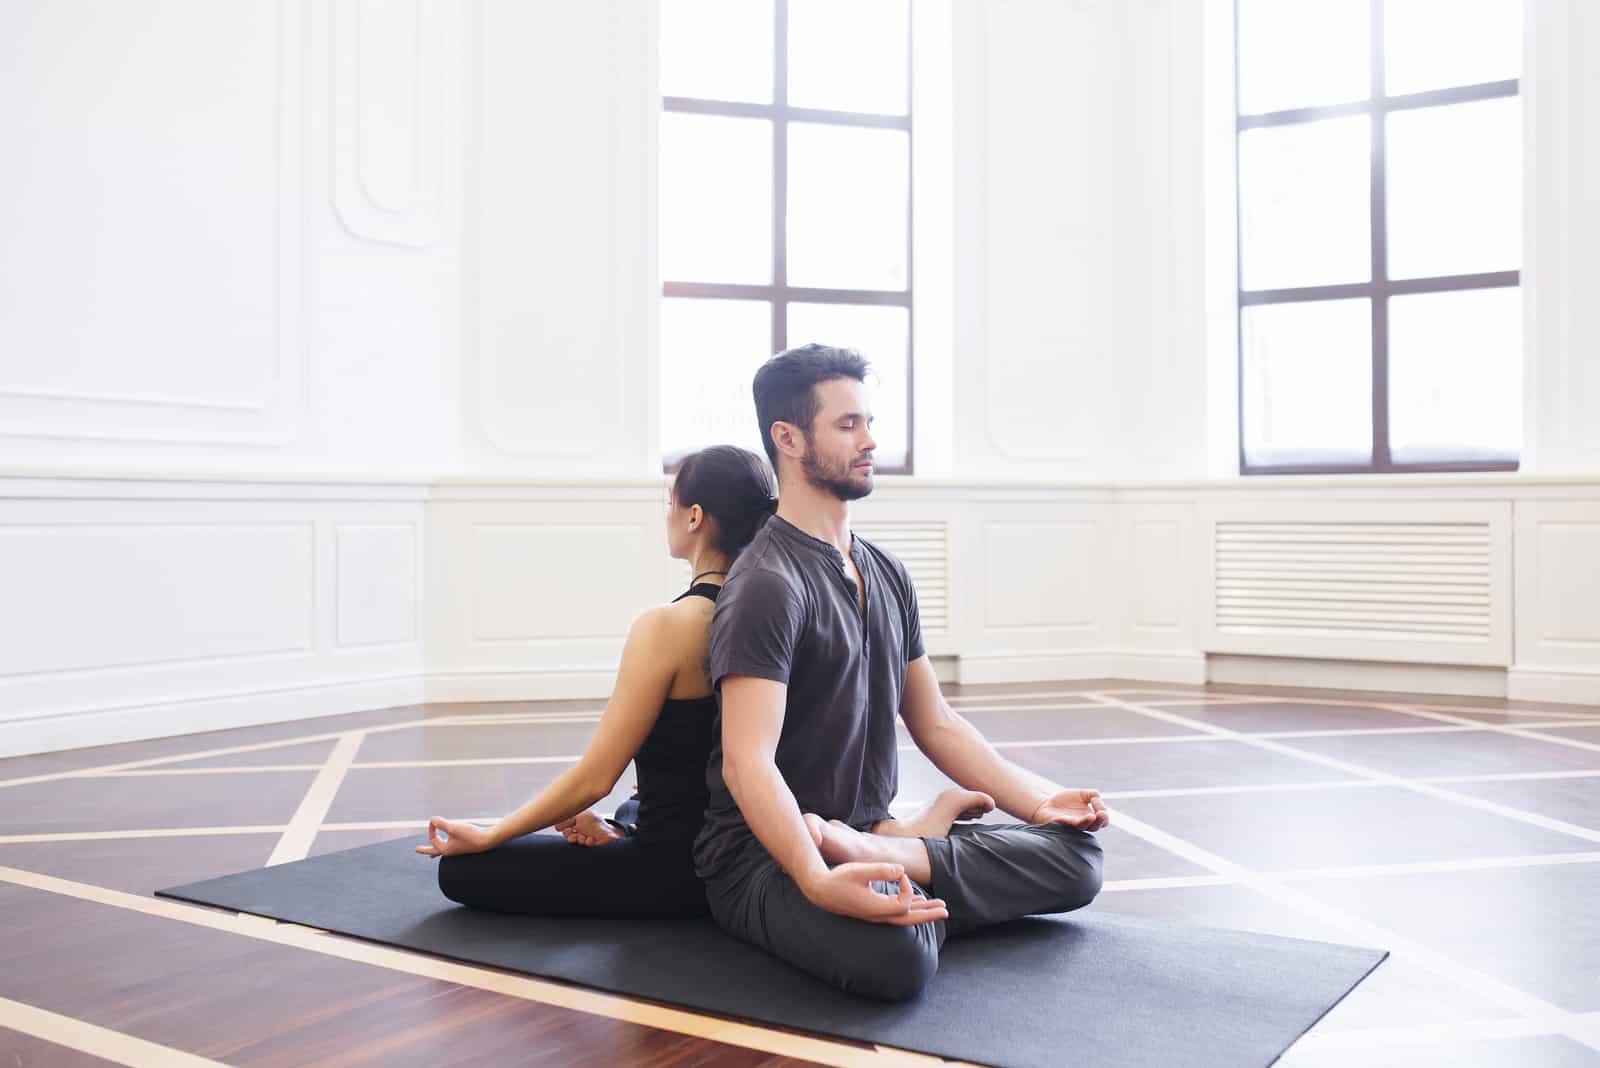 junges Paar, das zusammen Yoga macht